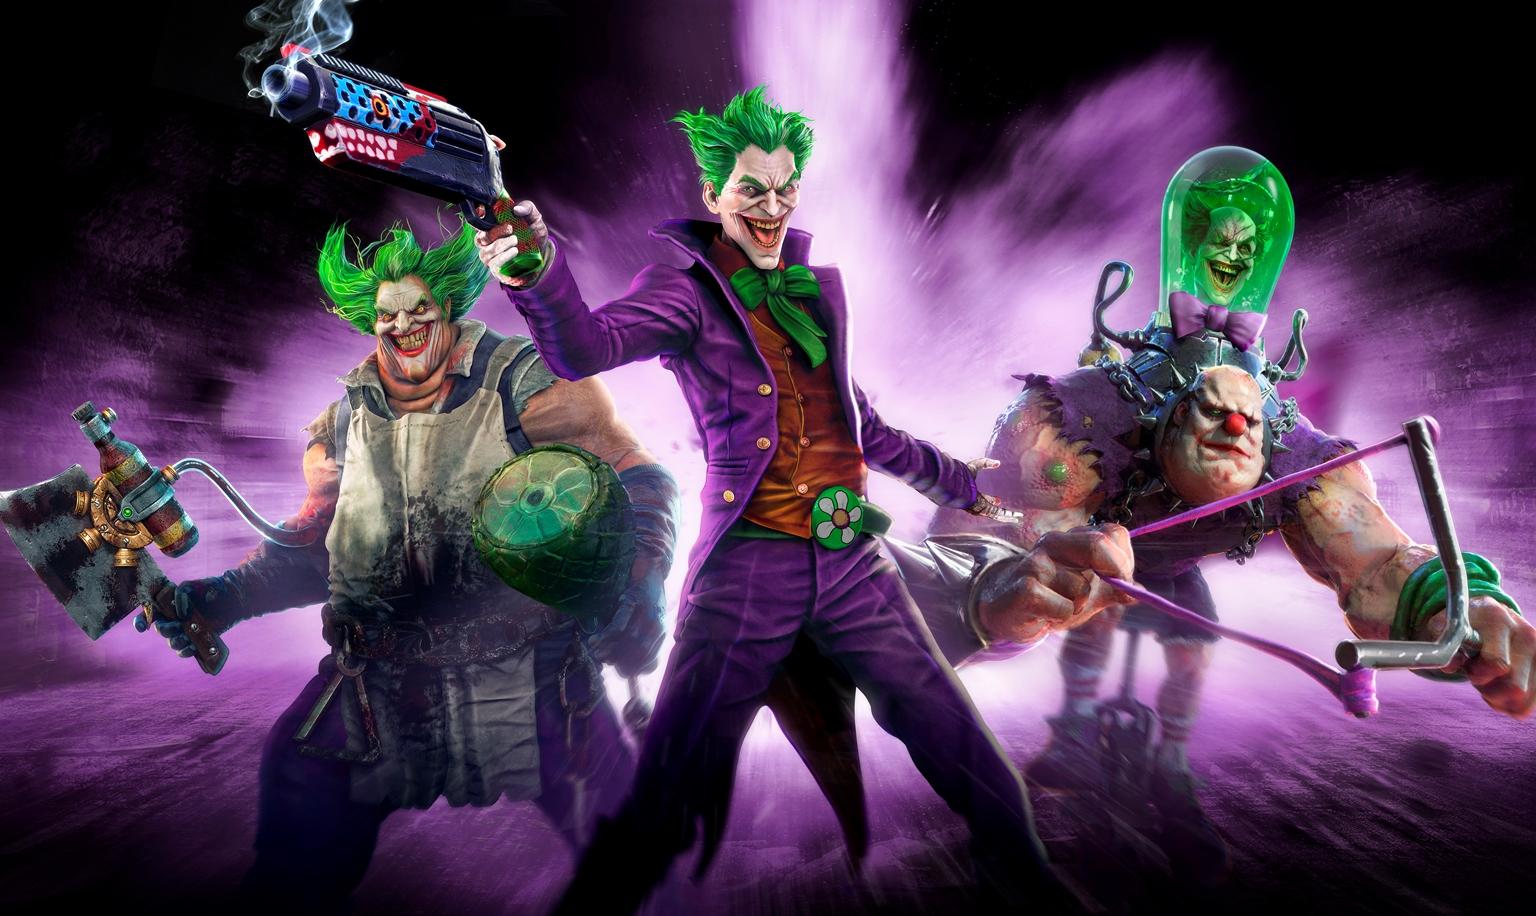 Infinite Crisis tendrá beta abierta desde el 14 de marzo de 2014